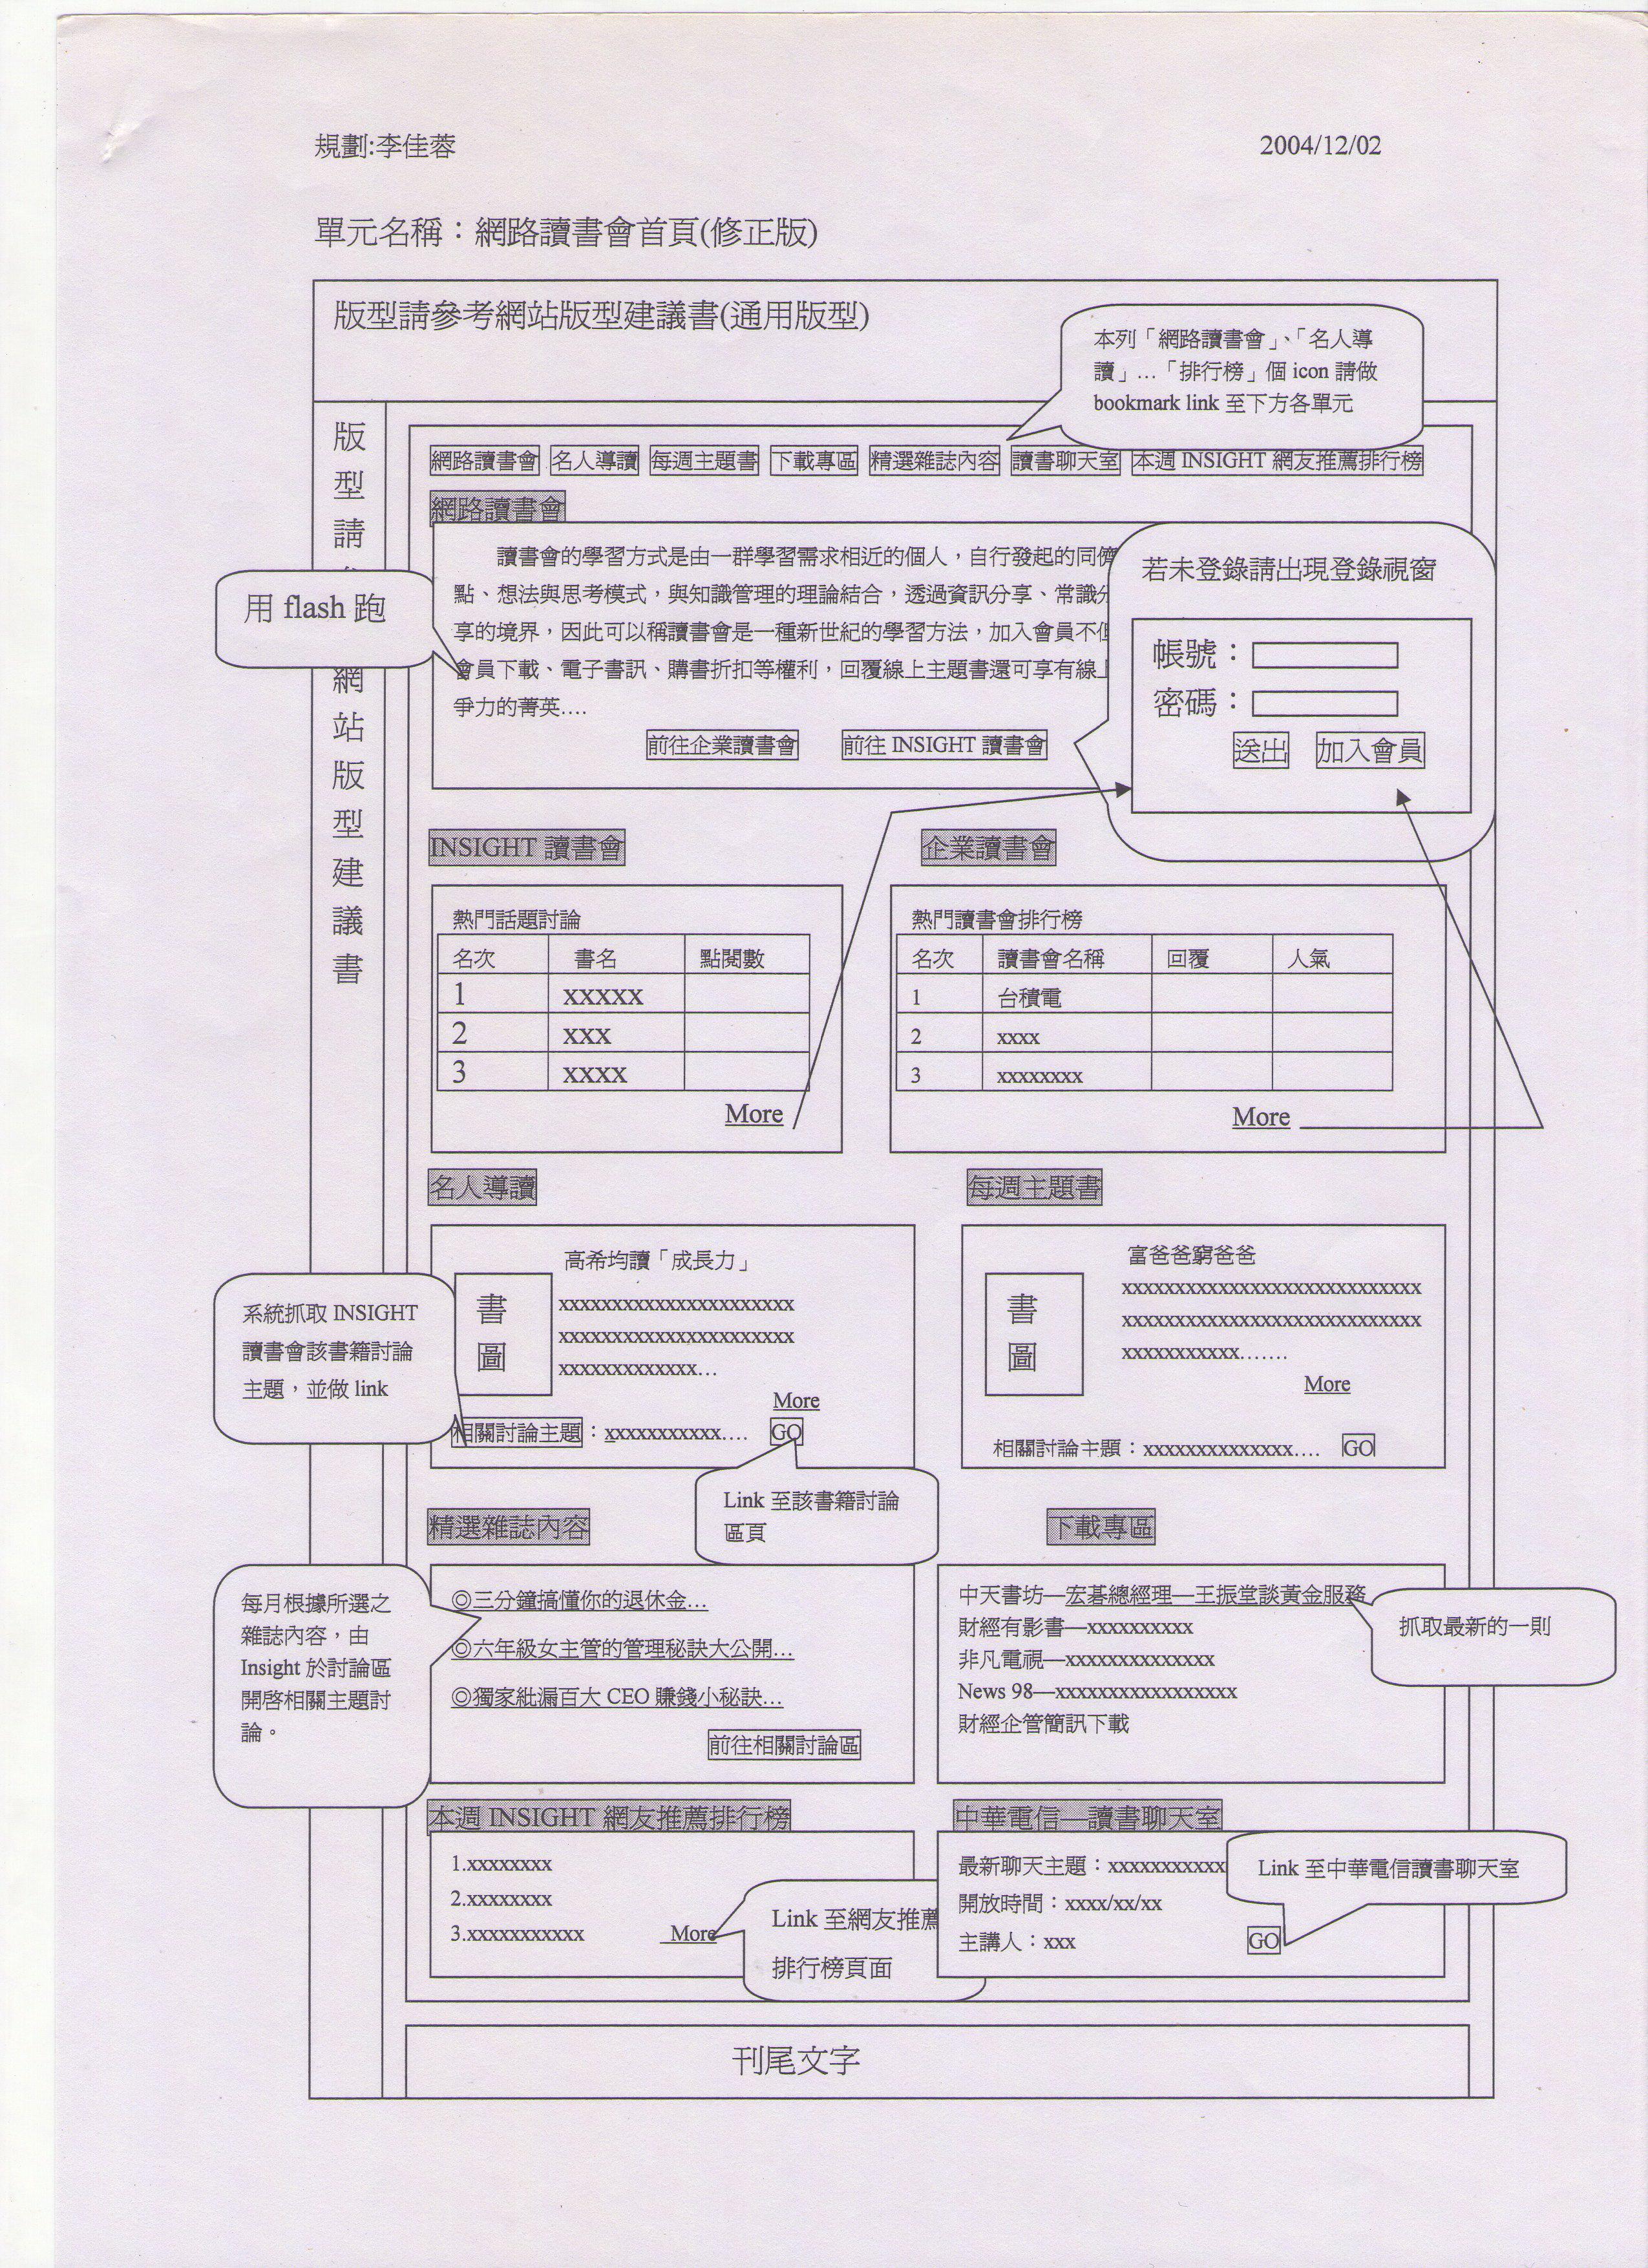 網站企劃書   Chia 網站規劃(企劃)   2 頁